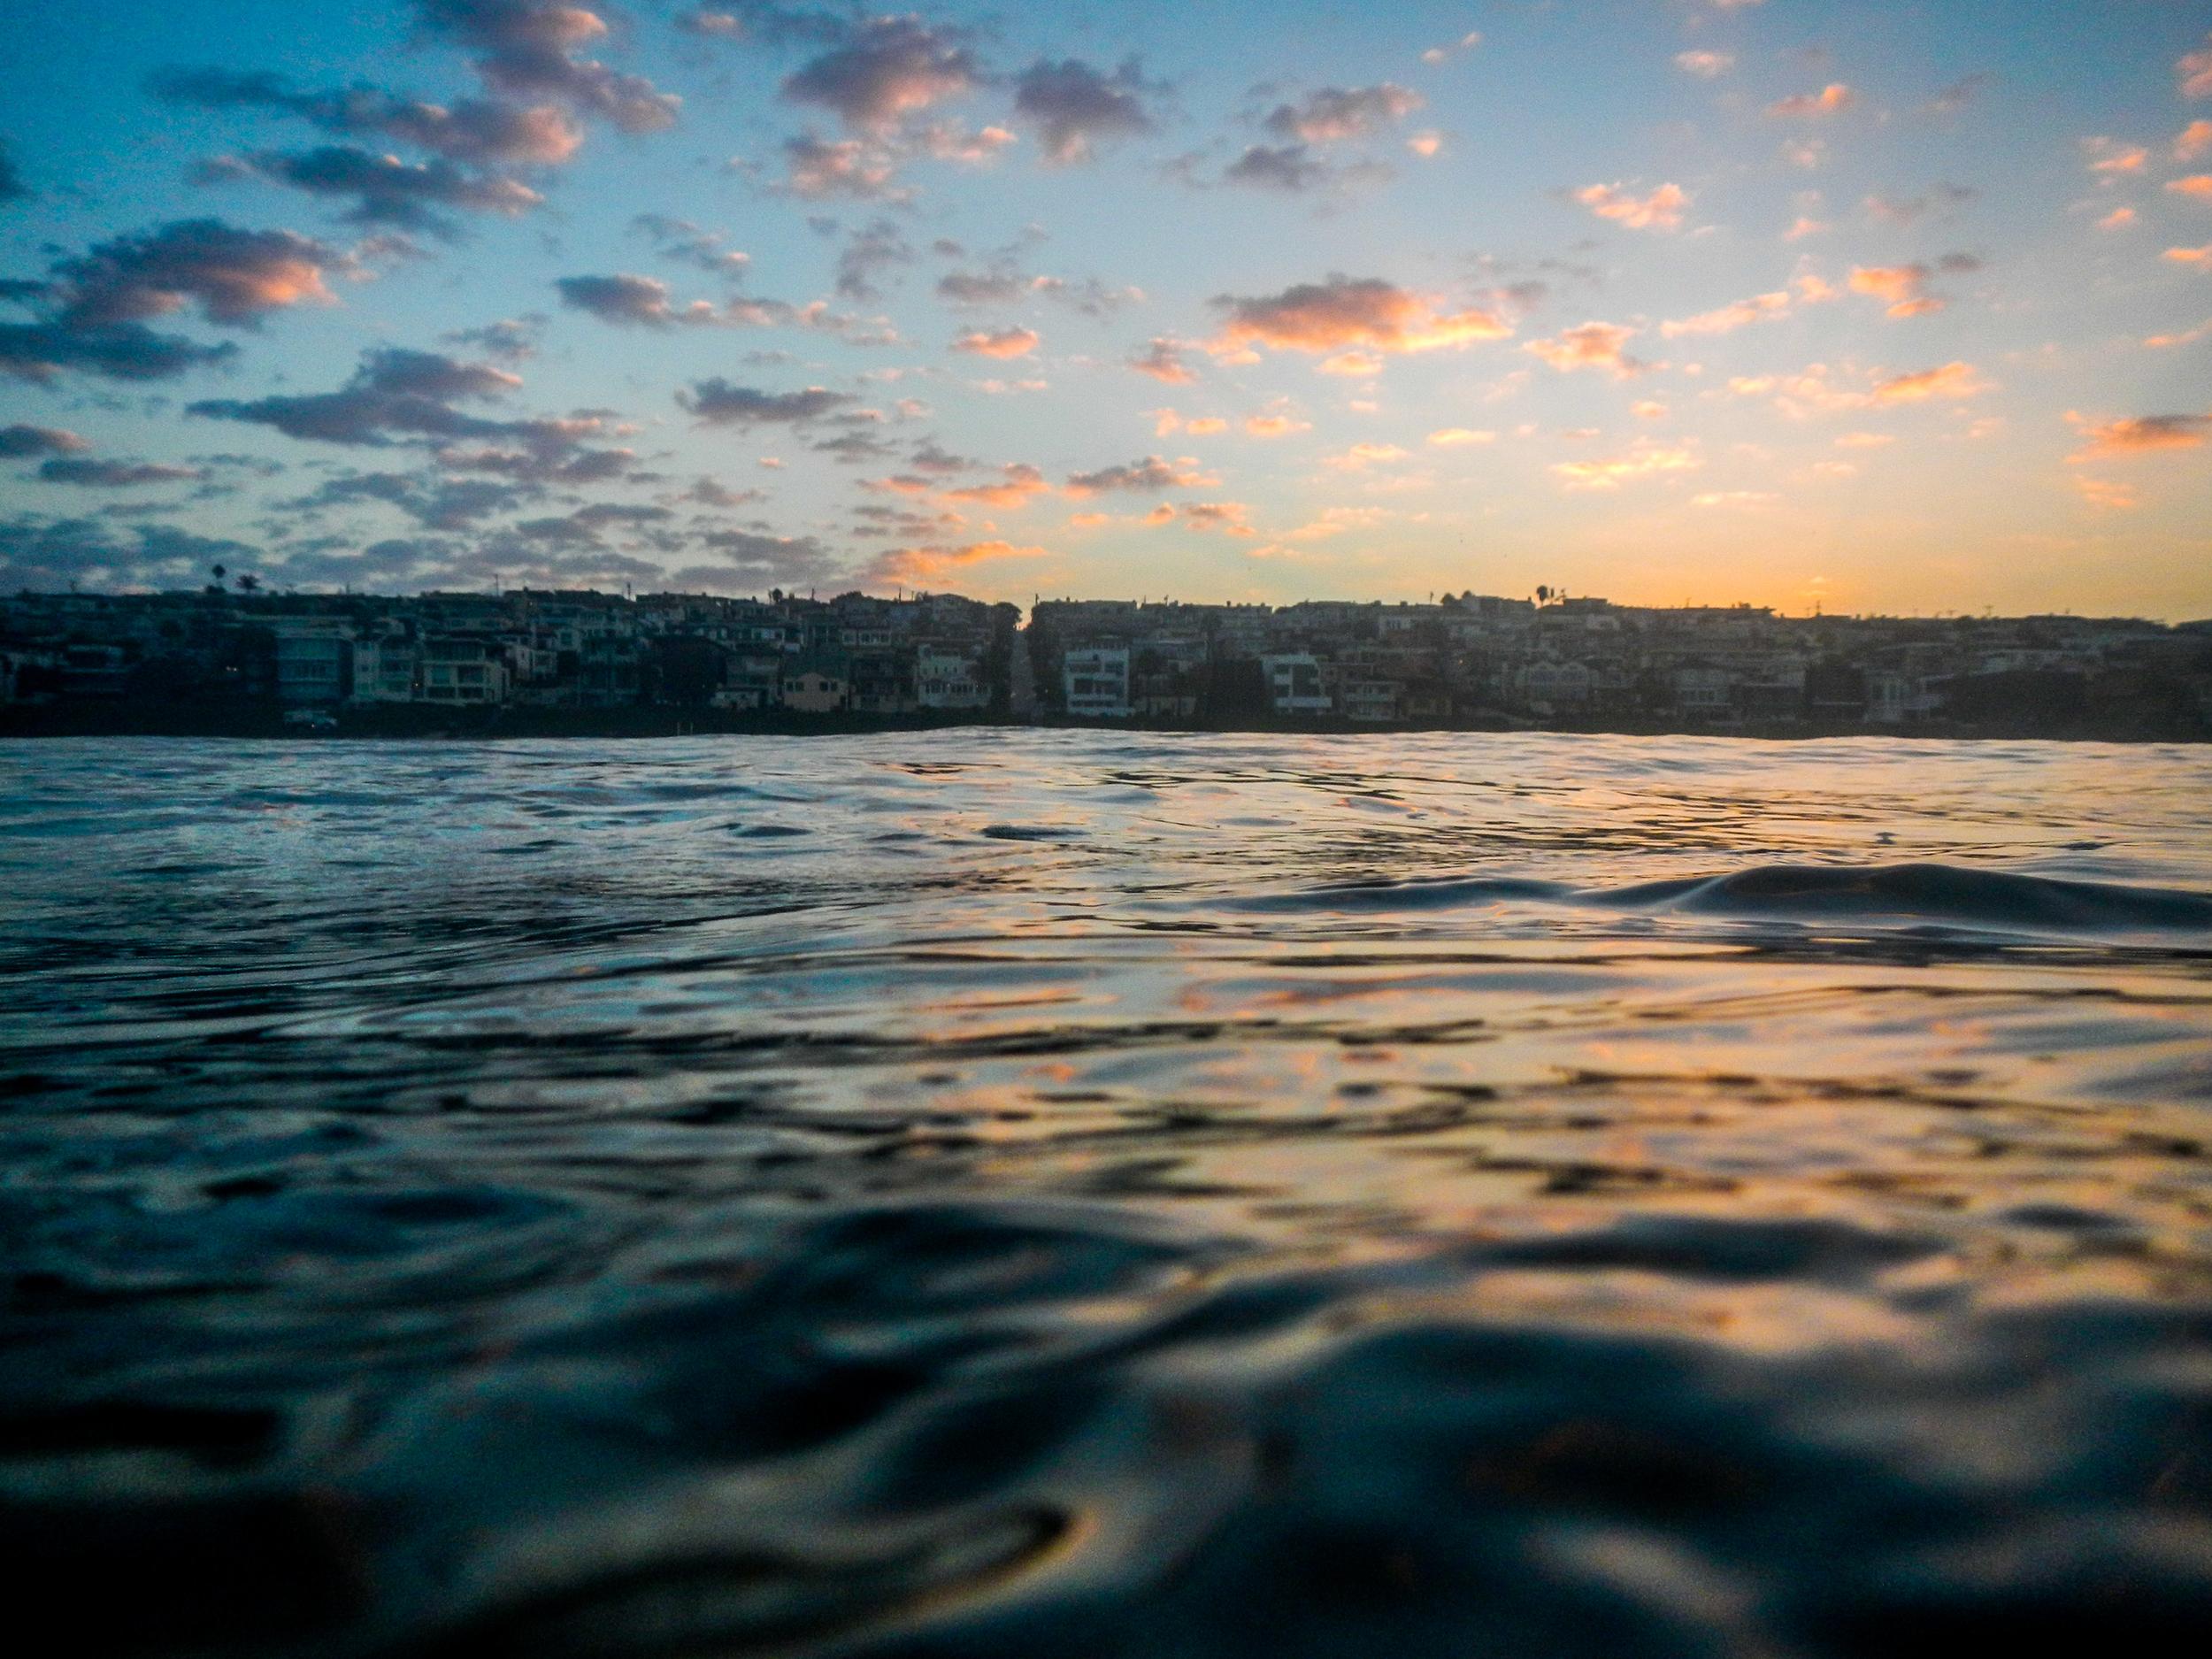 bk_water_130926_09.jpg